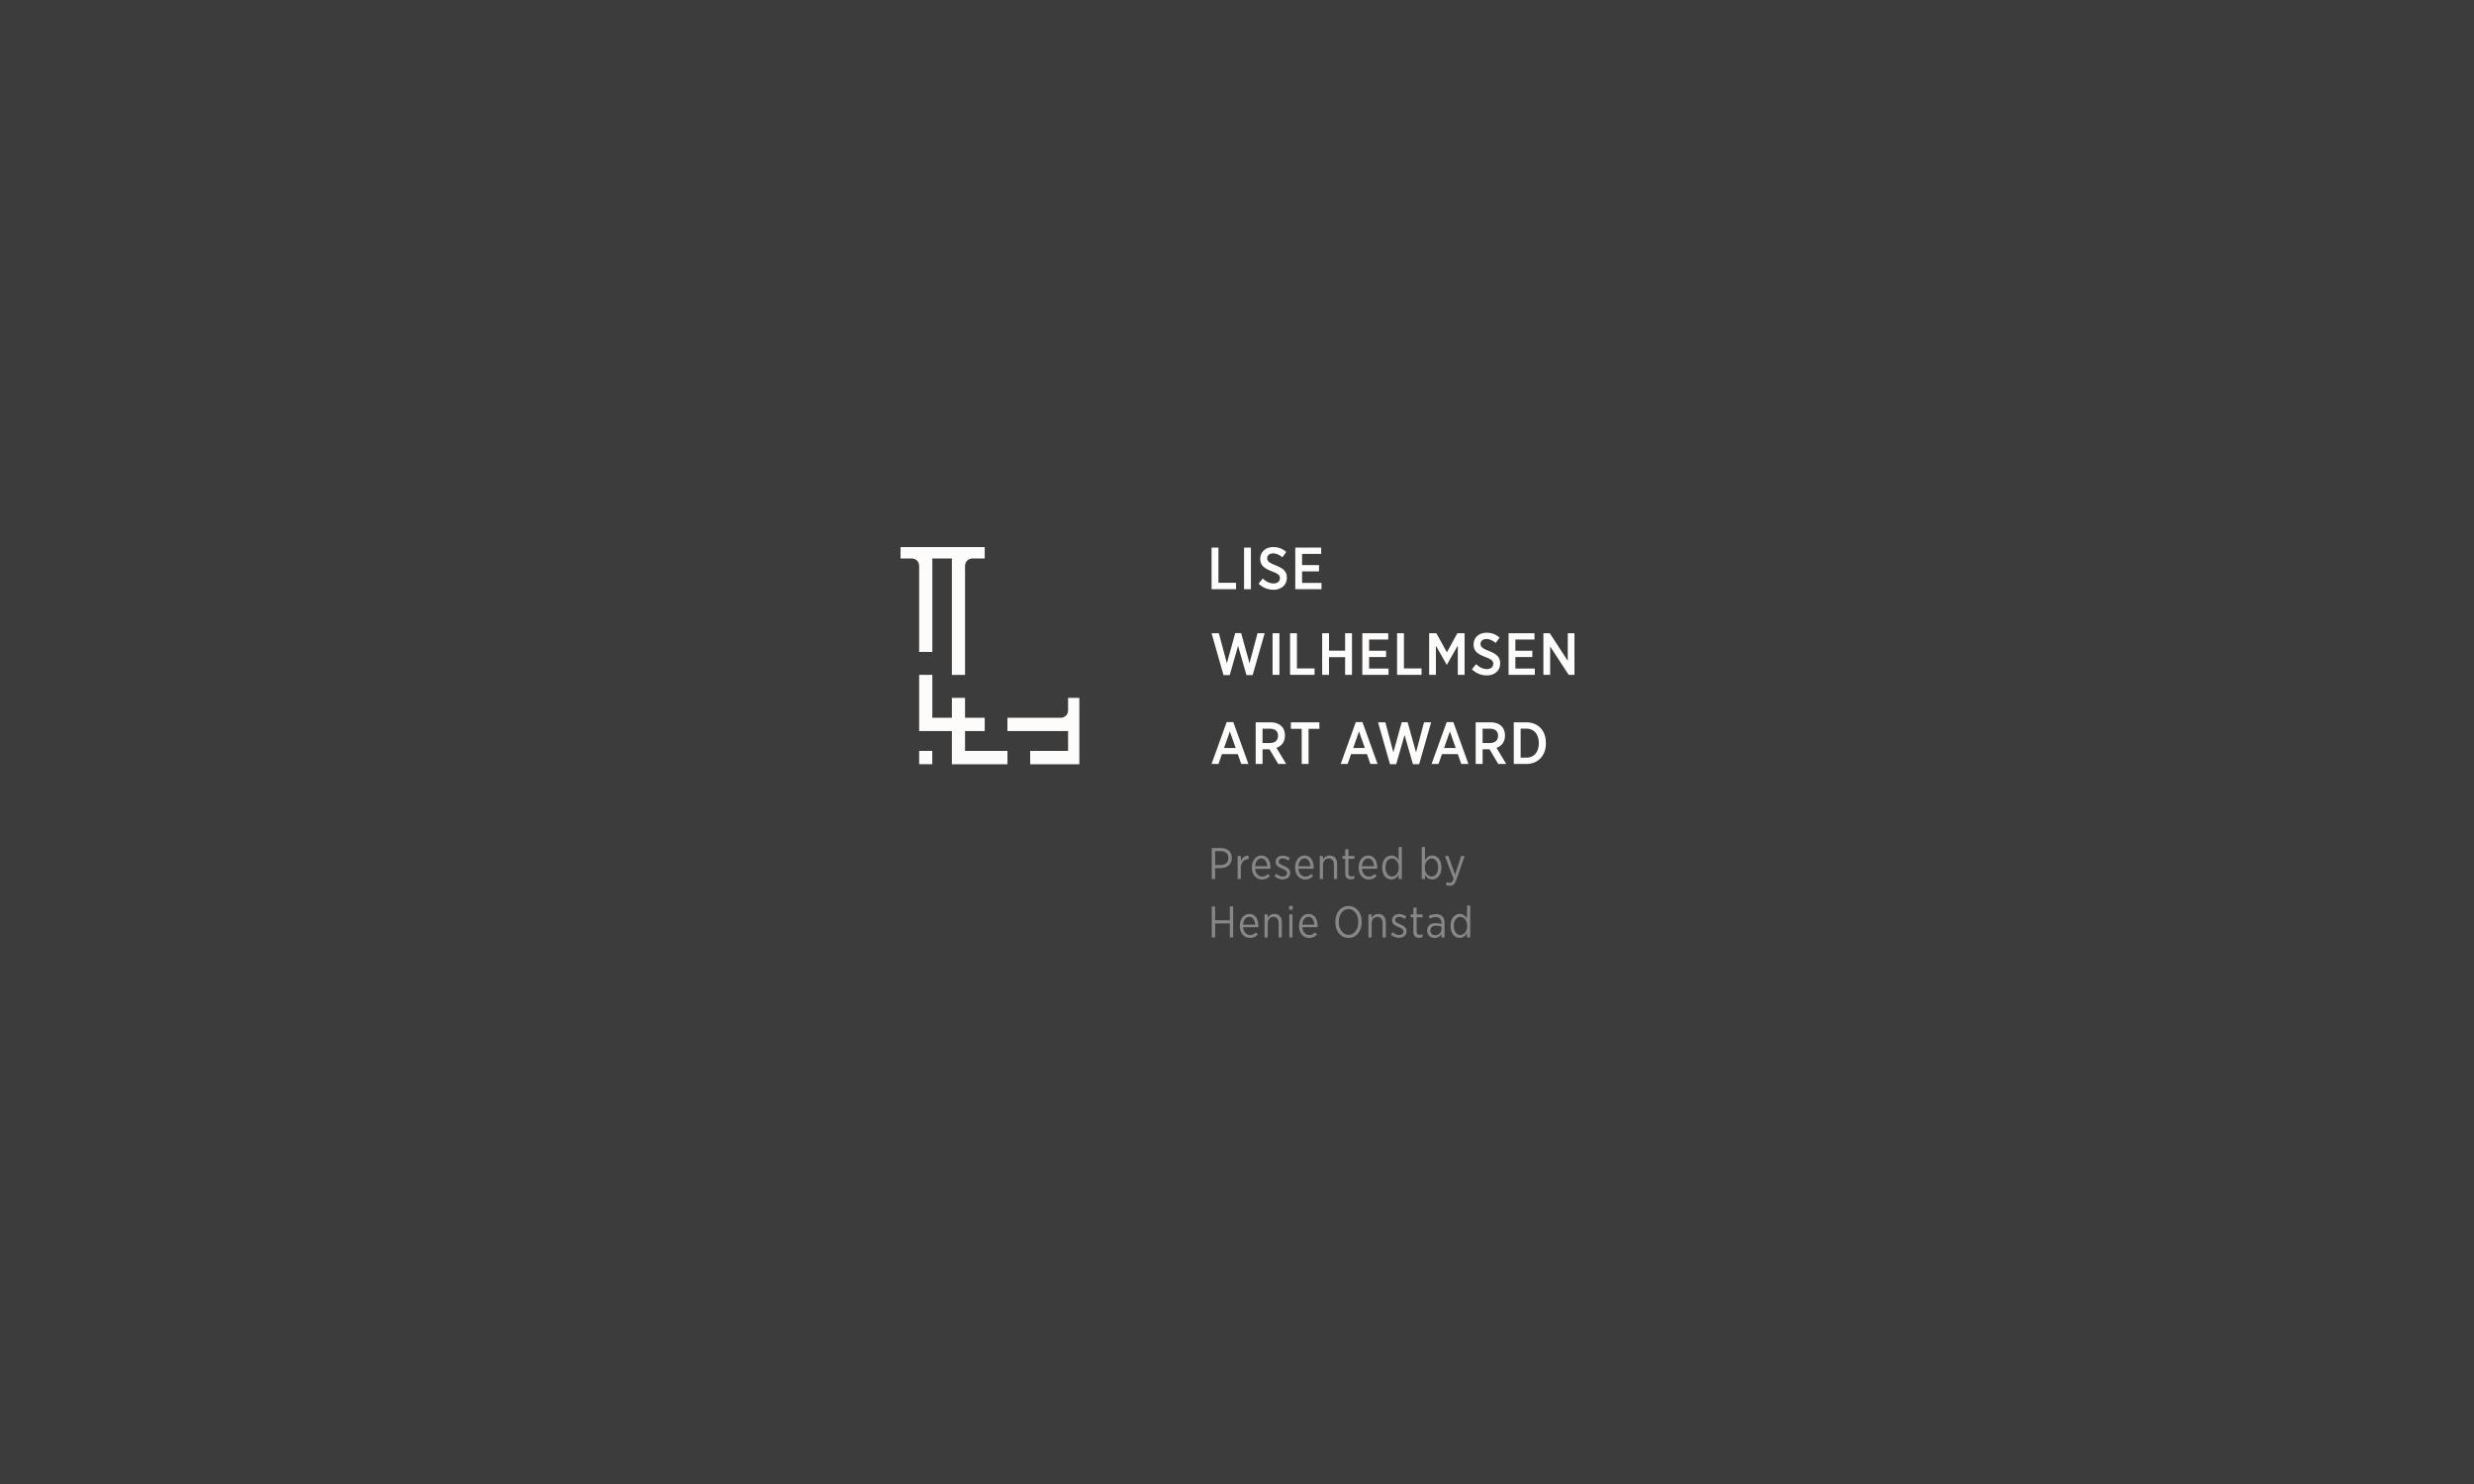 Lise Wilhelmsen Art Award light horizontal Logo, with Henie Onstad